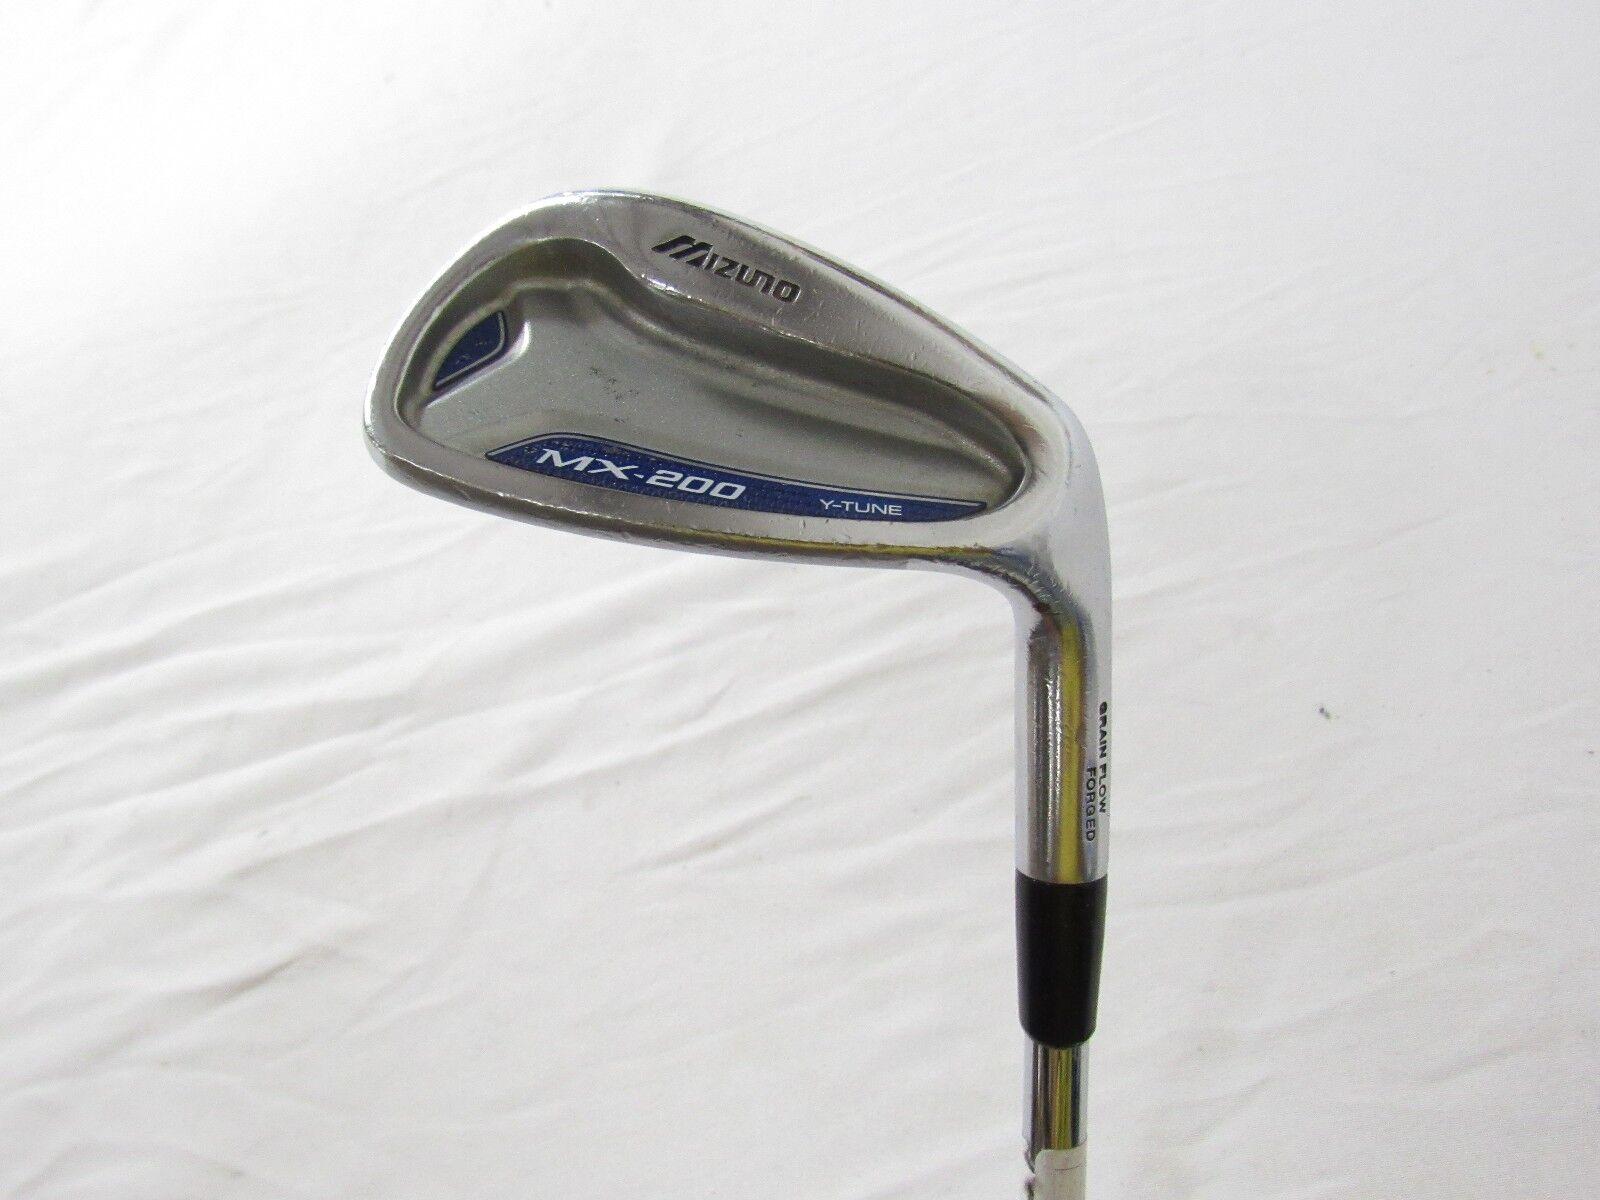 Utiliza la mano derecha Mizuno MX-200 Gap G Cuña Dynalite oro regular Flex R-flex